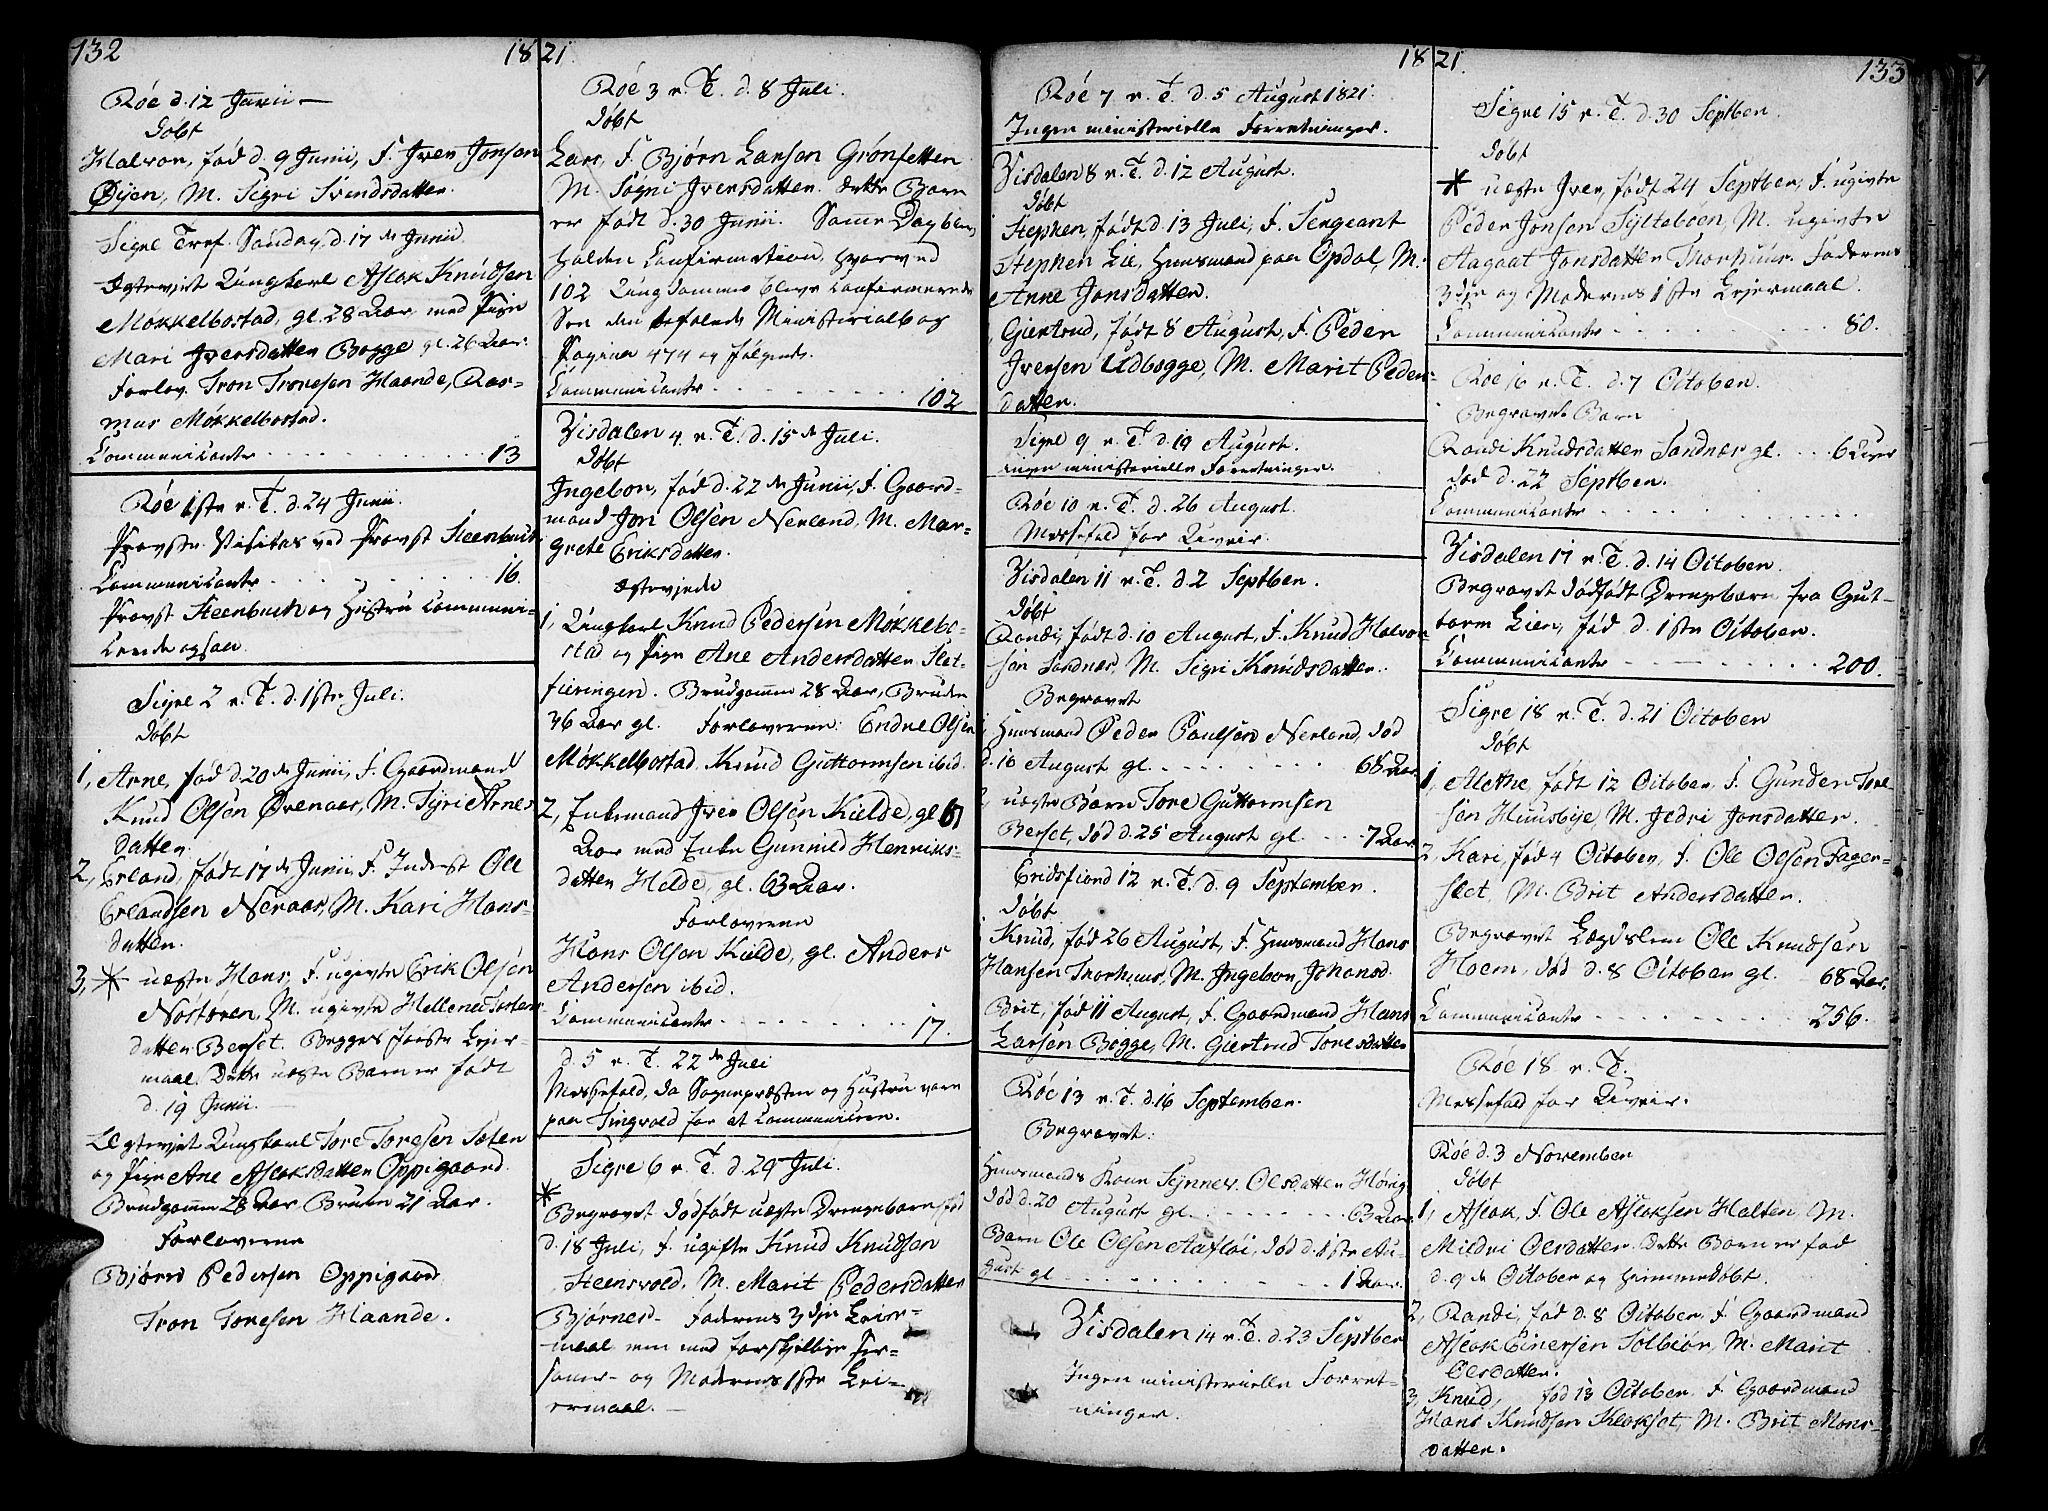 SAT, Ministerialprotokoller, klokkerbøker og fødselsregistre - Møre og Romsdal, 551/L0622: Ministerialbok nr. 551A02, 1804-1845, s. 132-133